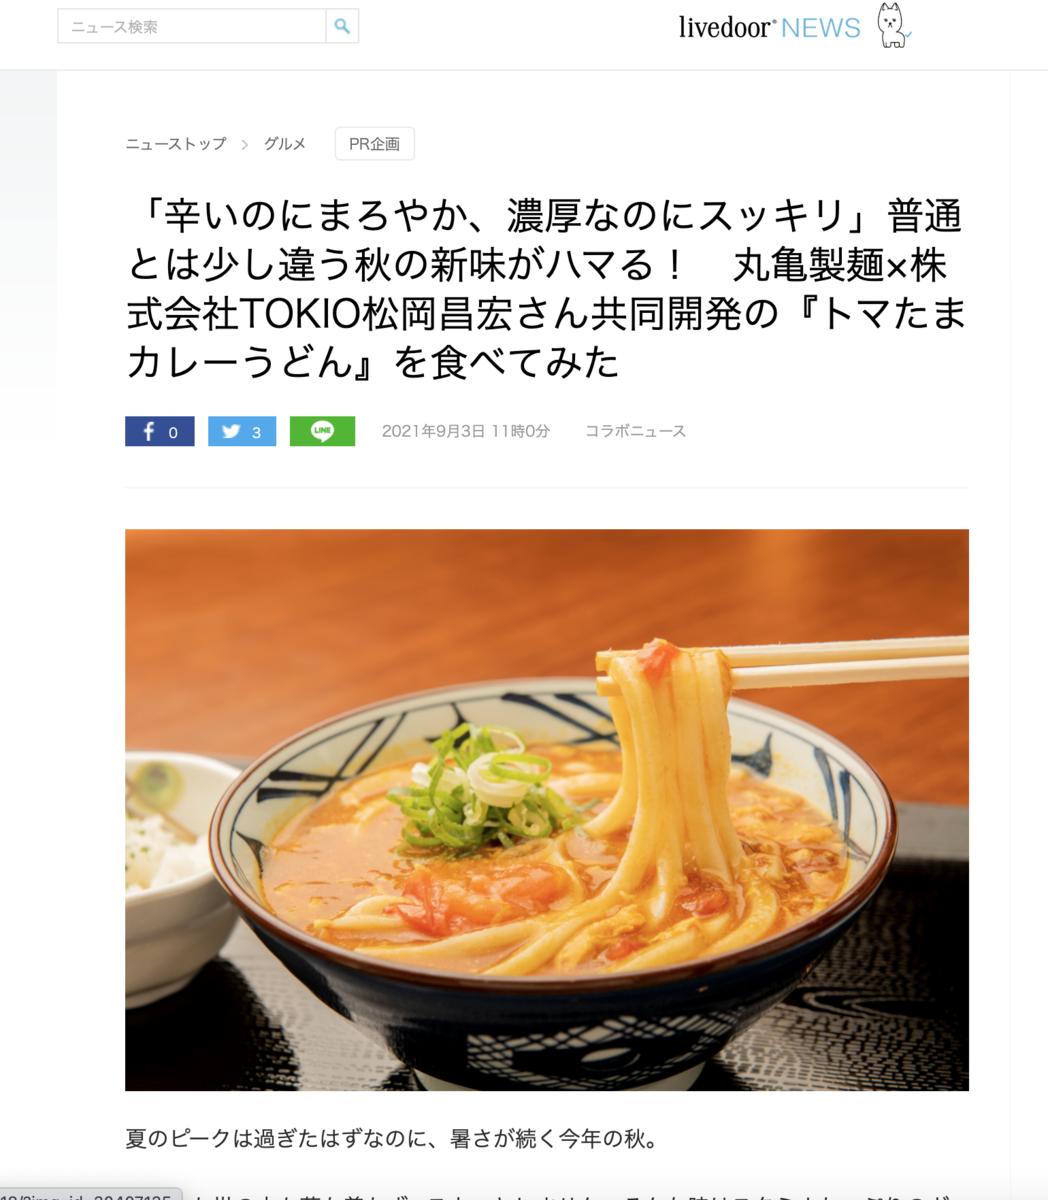 丸亀製麺新商品の記事の画像